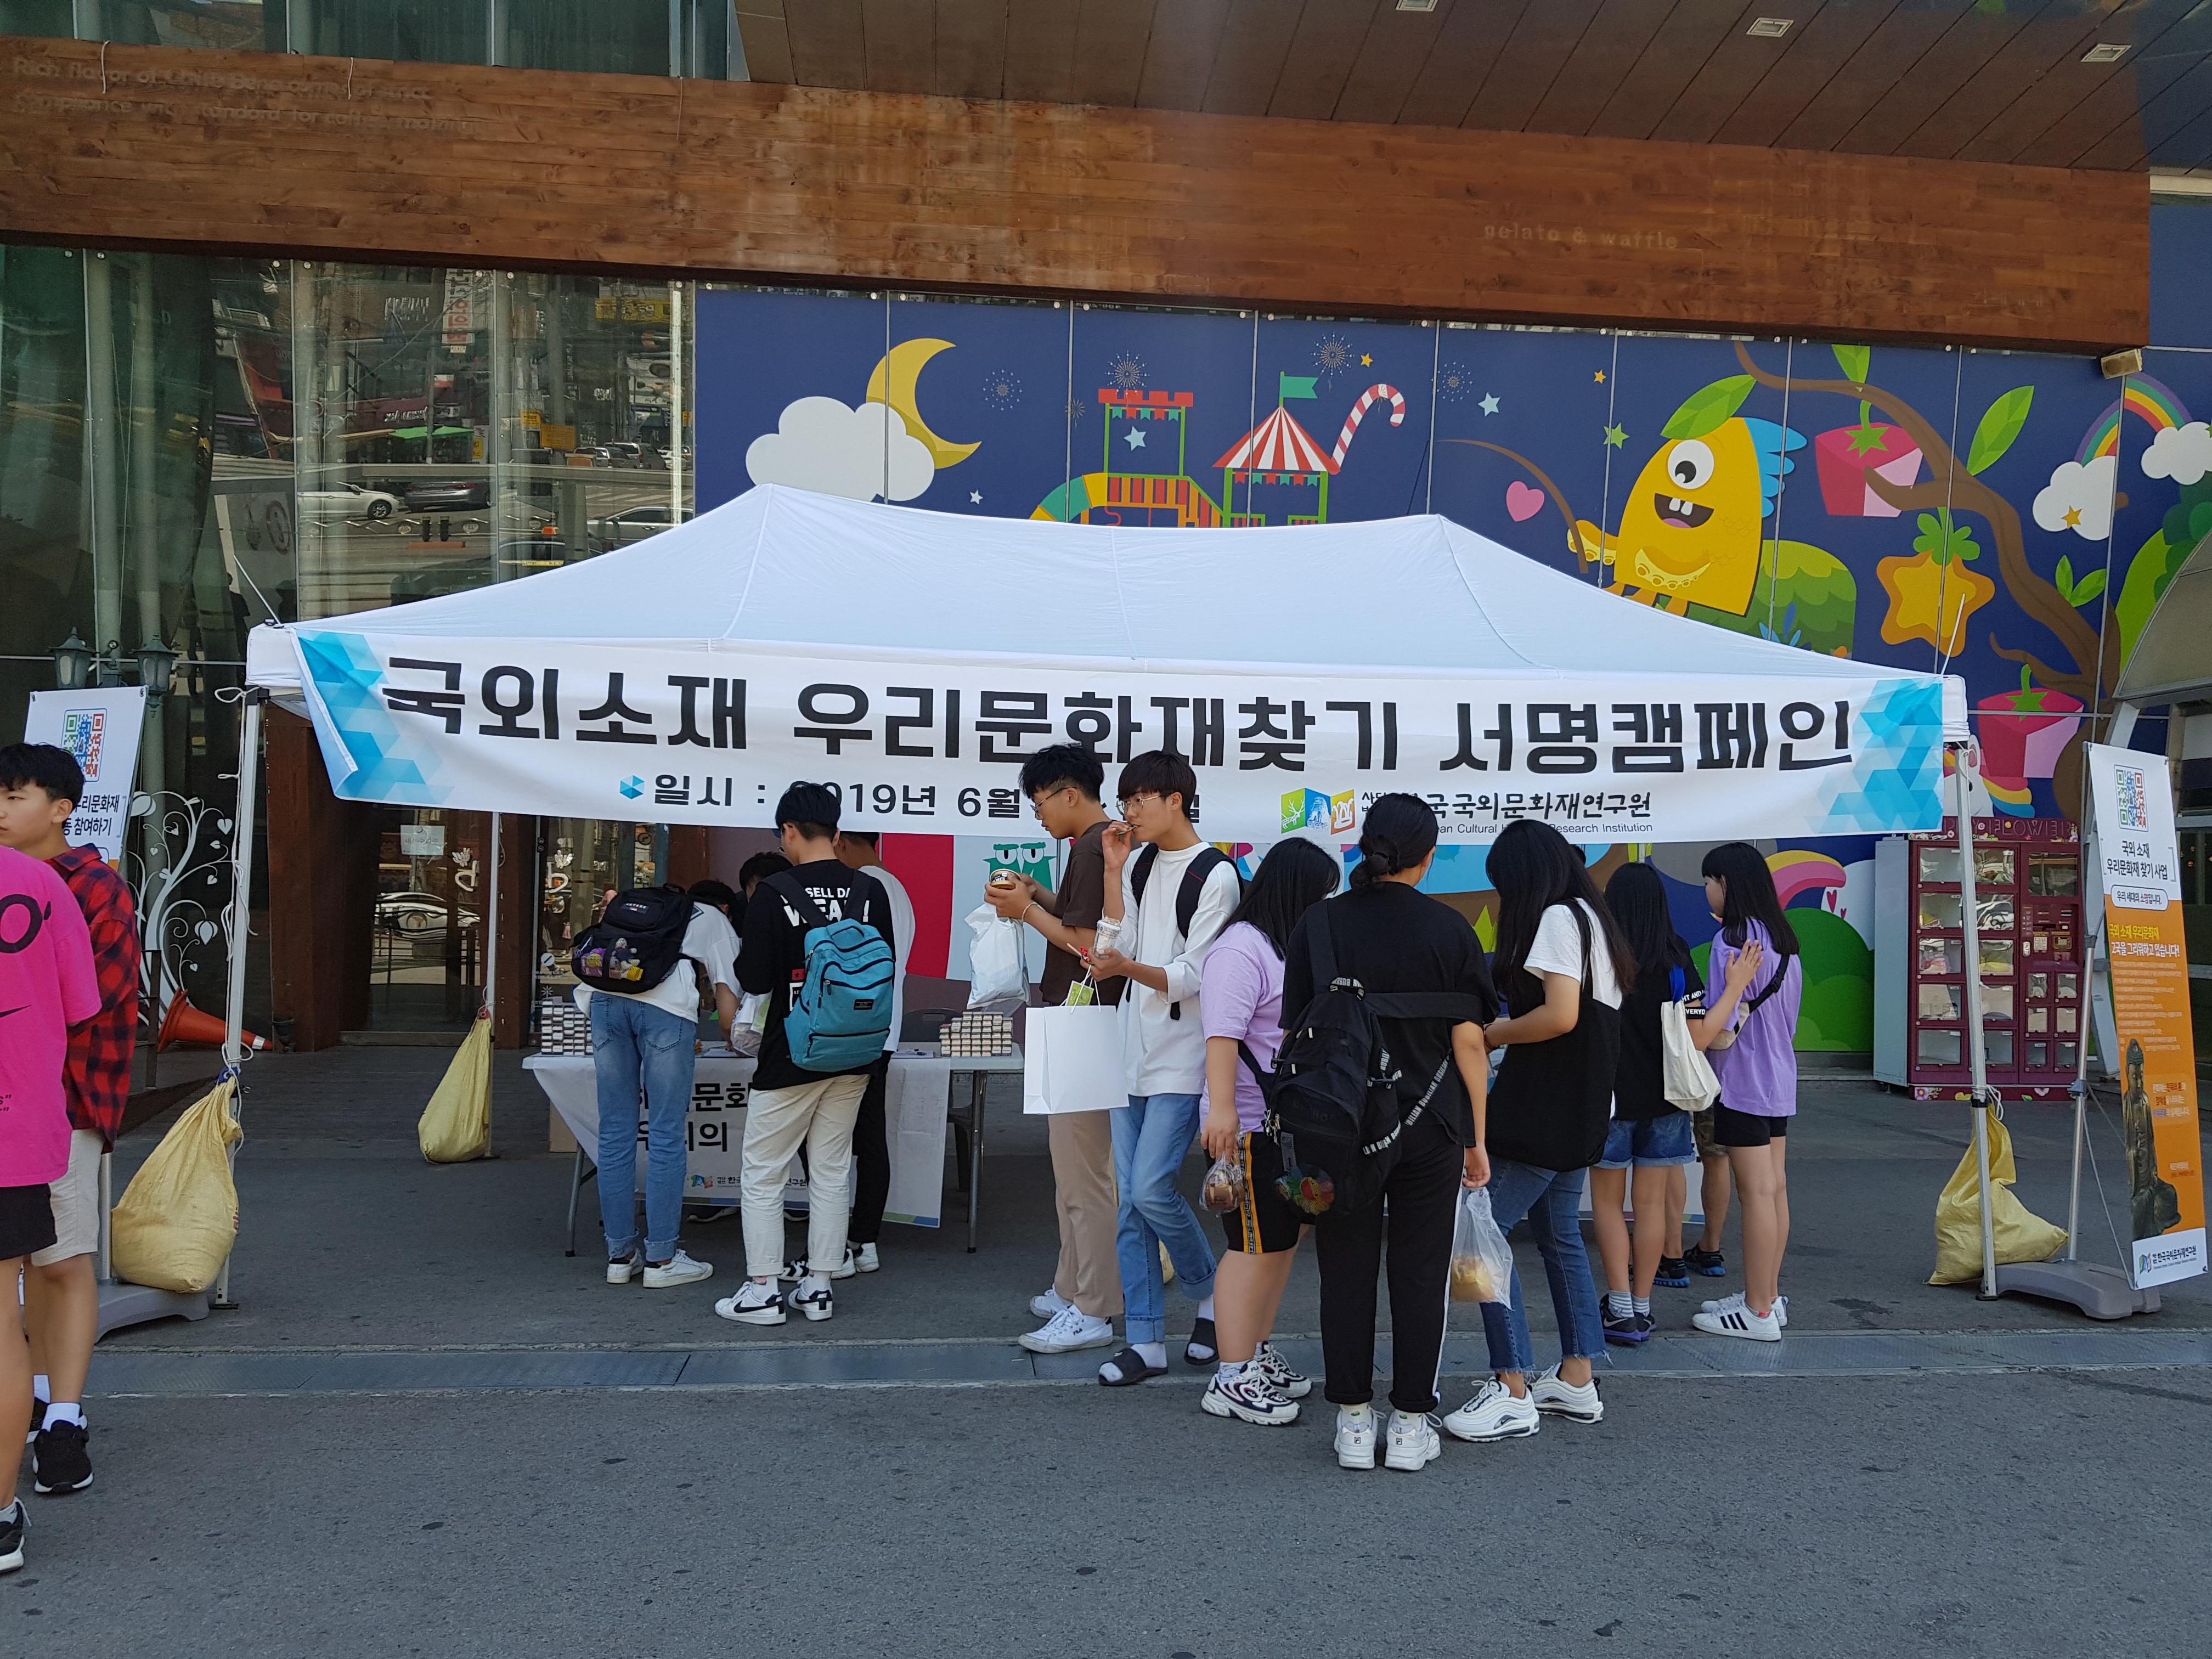 2019 구미역 우리문화재 환수캠페인 서명운동